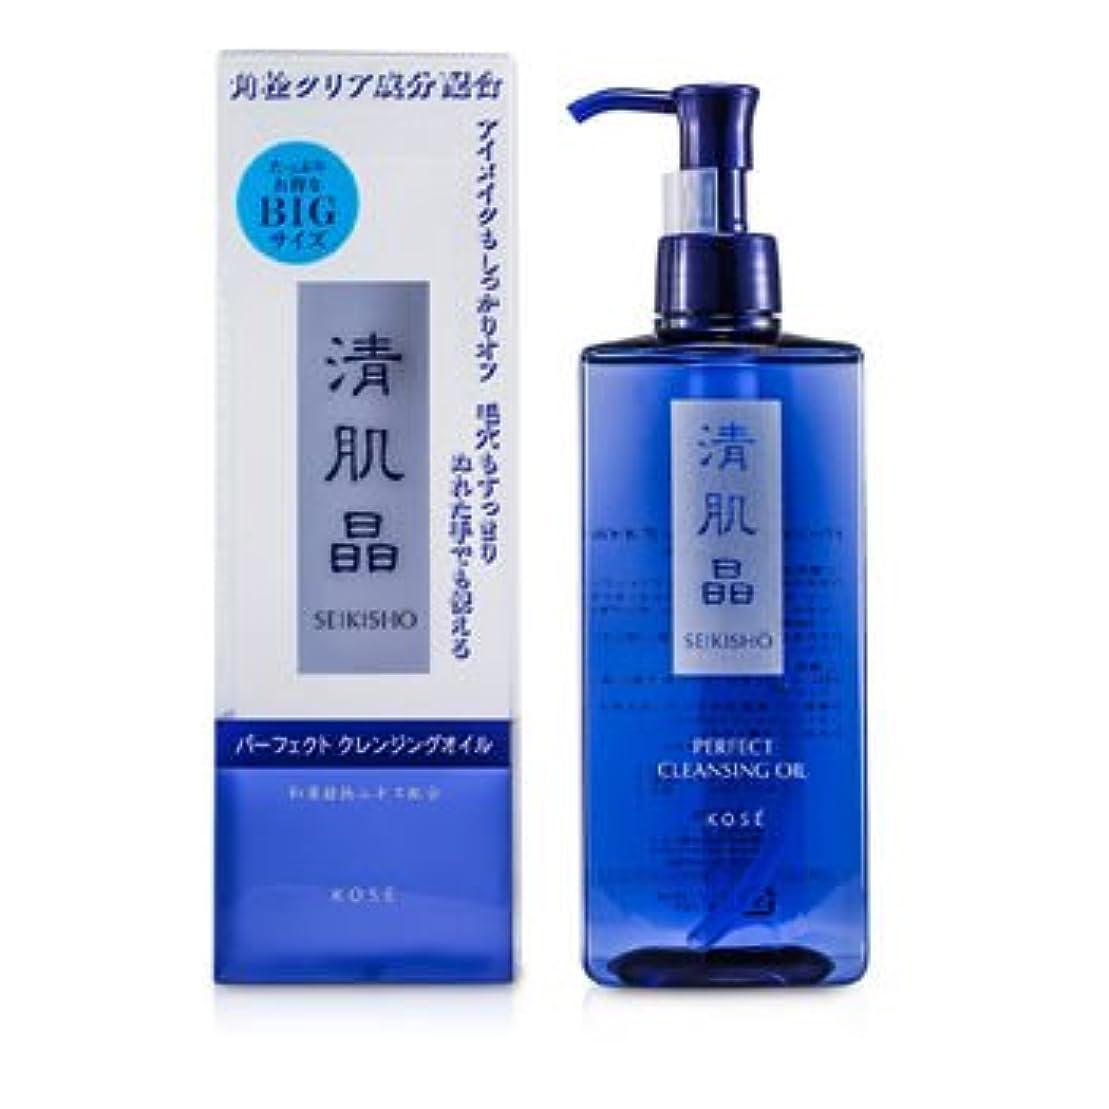 原点橋チップコーセー Seikisho Perfect Cleansing Oil 330ml/11oz並行輸入品